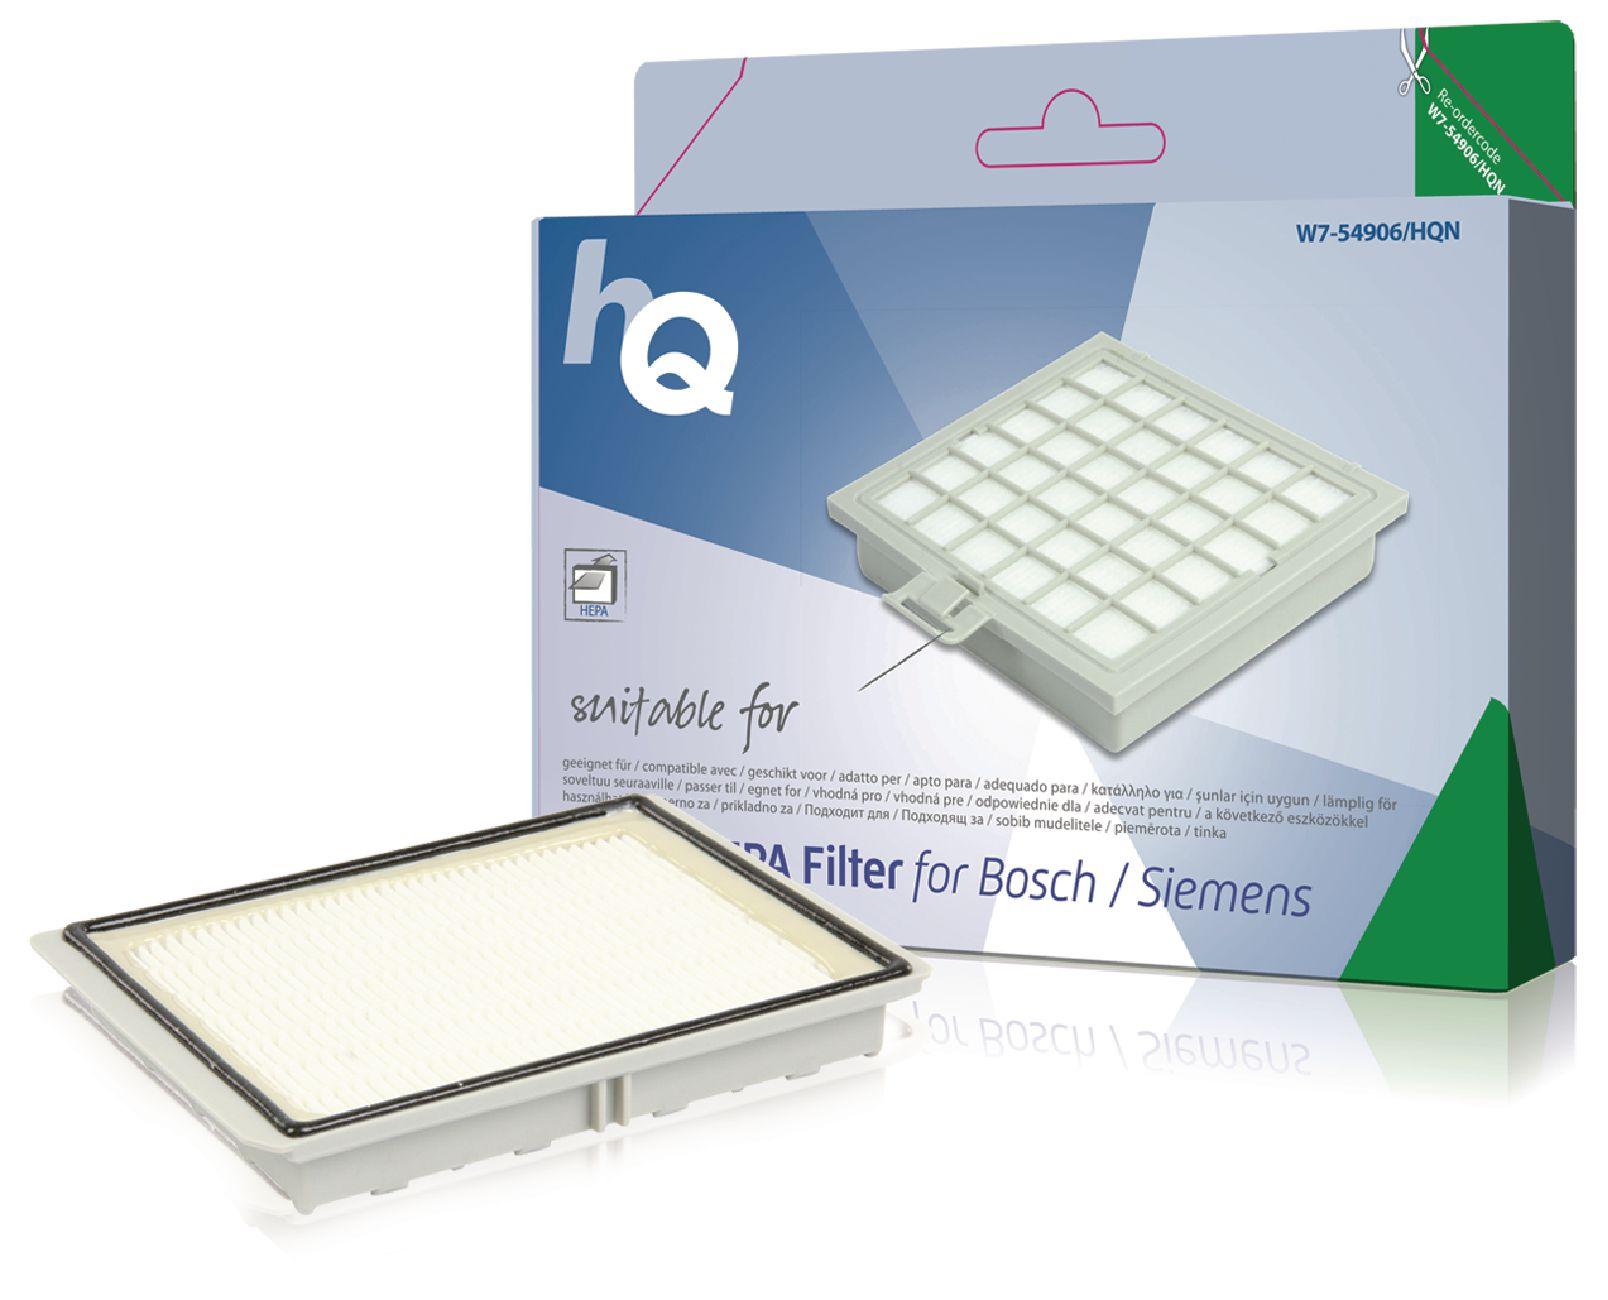 Náhradní aktivní HEPA filtr Bosh/Siemens 263506